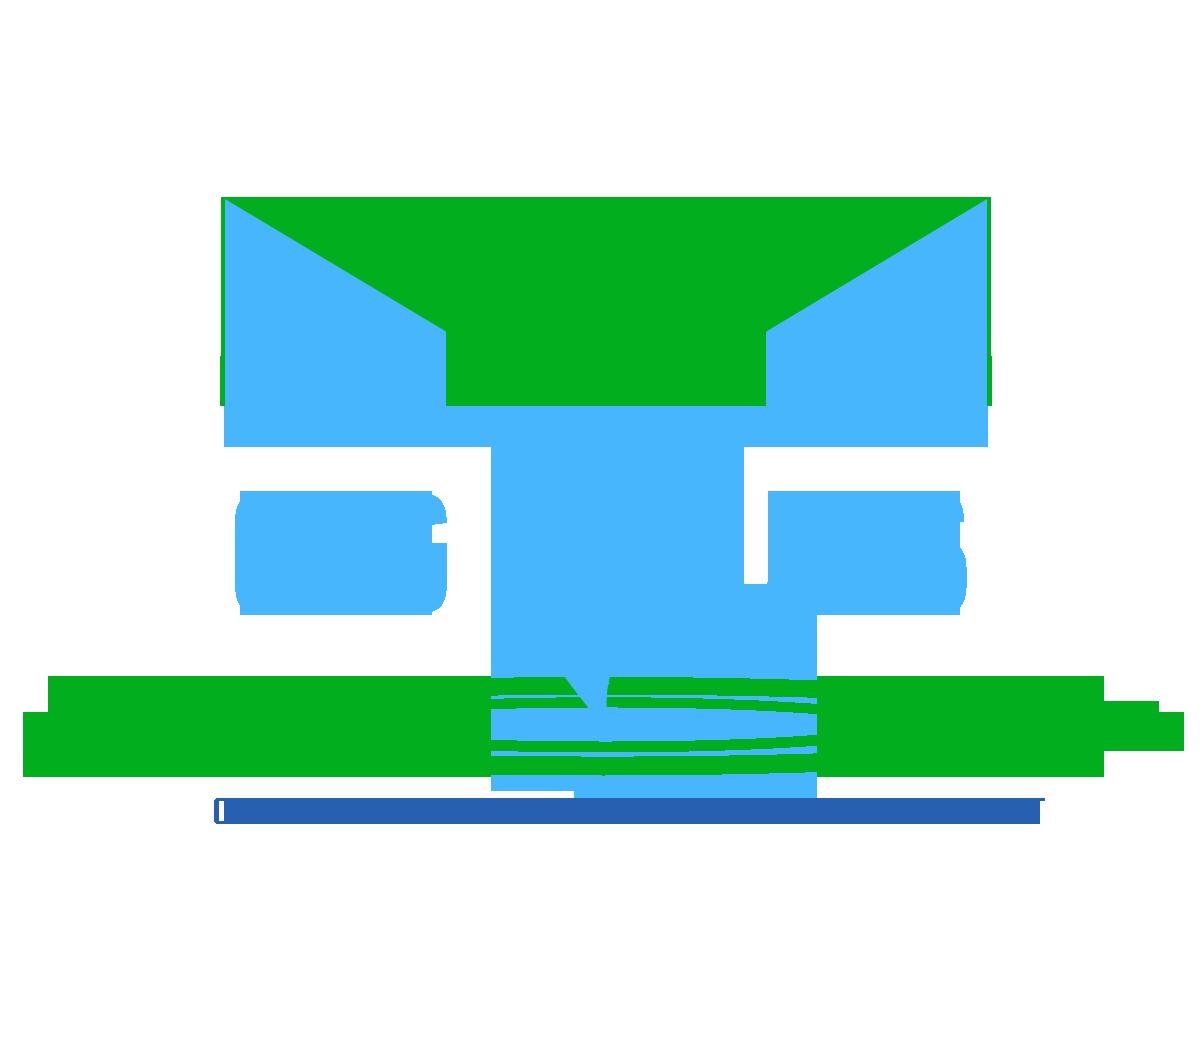 connect-mygps-fleet-management-paragraph-image